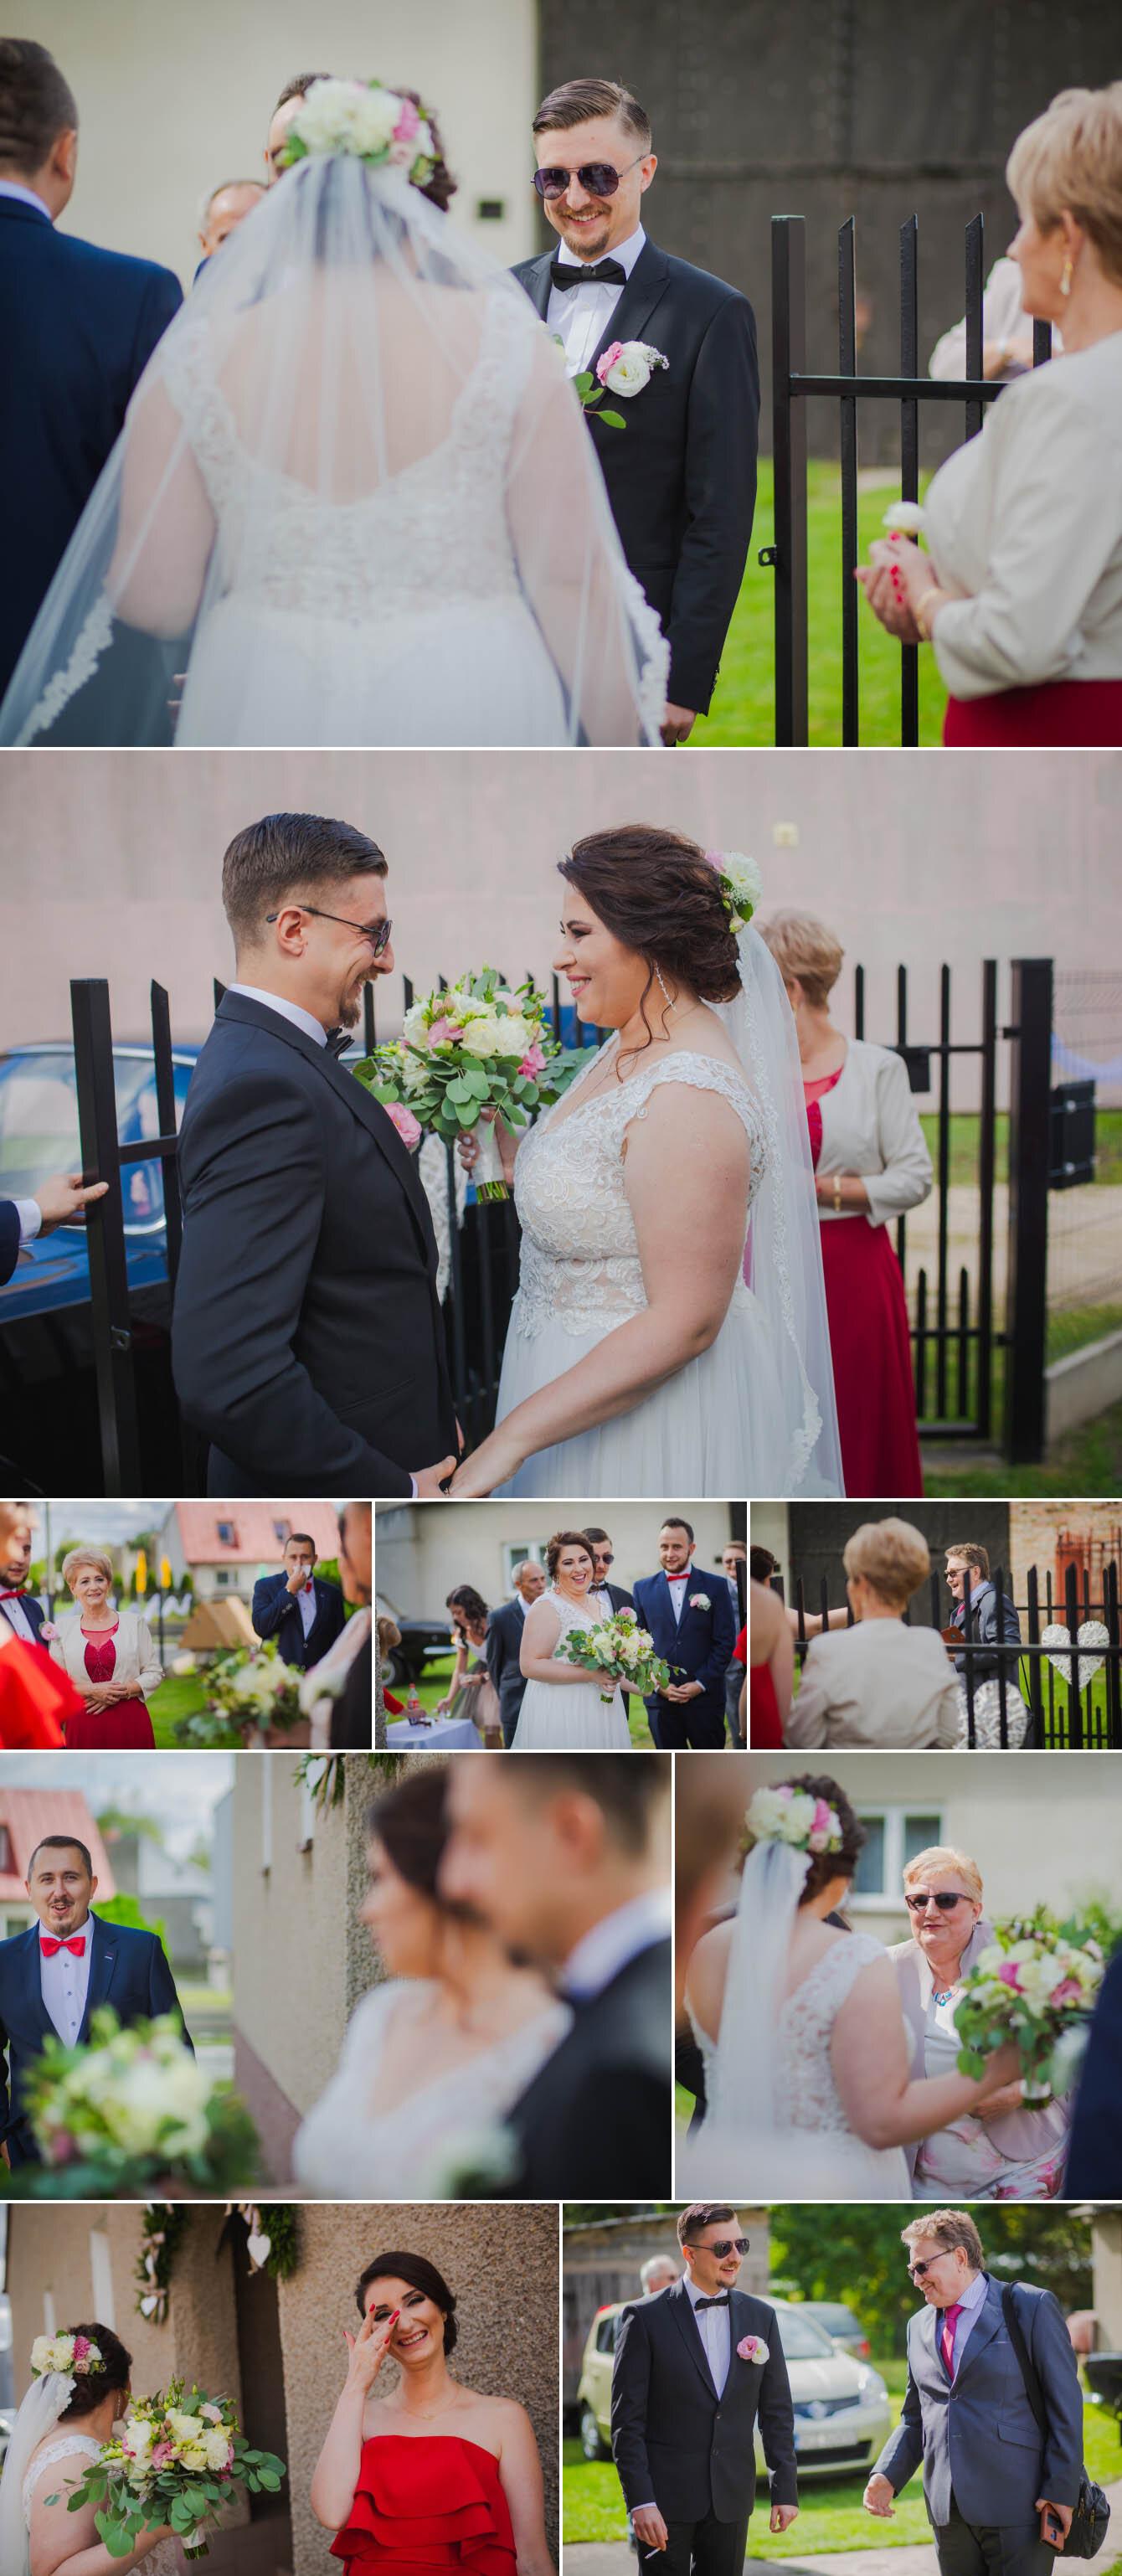 Fotografie ślubne Marka i Angeliki w domu weselnym pod Grzybkiem fotograf Bartek Wyrobek  8.jpg